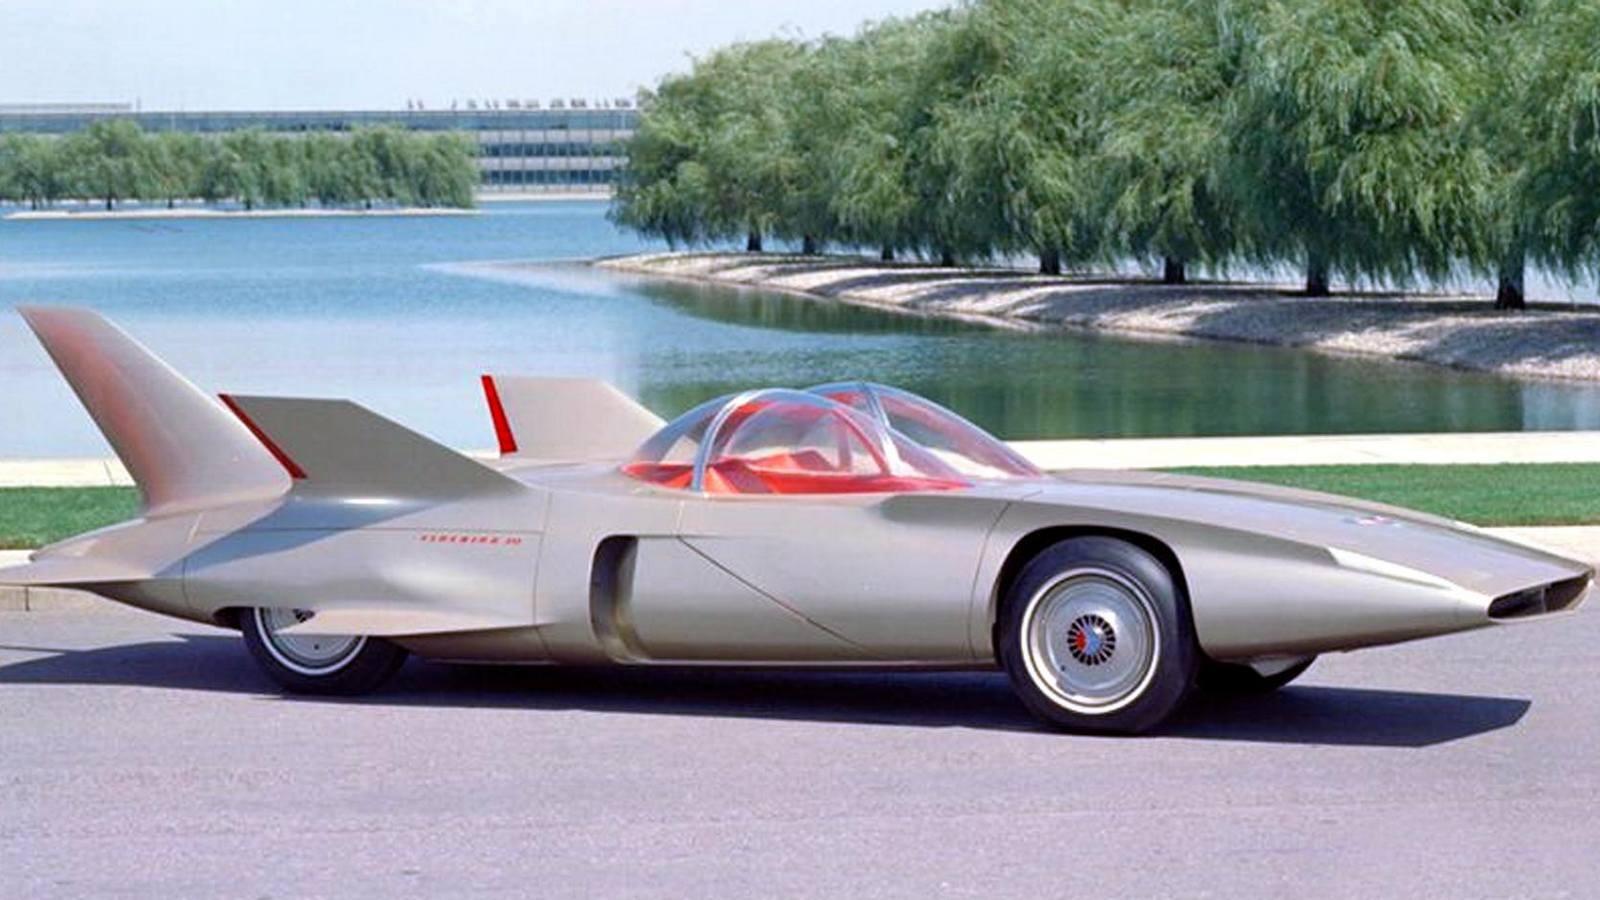 Chrysler Corporation: 27 лет во славу газовых турбинВ 1954 году эта корпорация сделала ставку на массовый выпуск перспективных легковых машин с газотурбинными силовыми установками. Для этого было создано специальное подразделение Chrysler Turbine Car, где под руководством главного конструктора Джорджа Хюбнера создавалось обширное семейство легковушек массового пользования с ГТД собственной конструкции, которые внешне особо не отличались от серийных моделей Dodge и Plymouth.Листалка из 3 фото с разными подписямиГазотурбинная 100-сильная машина Plymouth Belvedere после завершения пробега «от океана до океана». 1956 годДемонстрация автомобиля Plymouth Fury с двигателем CR-2. Слева — изобретатель Джордж Хюбнер. 1959 годГазотурбинное купе Dodge Dart-330 Turbo с 140-сильным ГТД CR-2A после пробега вокруг Америки. 1962 годВ начале 60-х исключением из правил стал эффектный шоу-кар Chrysler TurboFlite с экстравагантным кузовом работы итальянской дизайнерской фирмы Ghia и собственным 140-сильным агрегатом CR-2A. Автомобиль выделялся узким клиновидным передком, задними крыльями со связывавшим их антикрылом и широкими боковыми дверями, при открывании которых приподнималась и откидывалась назад солидная конструкция, состоявшая из крыши, лобового и боковых окон.Одна из самых красивых газотурбинных «легковушек» — опытная модель Chrysler TurboFlite. 1961 годПочти полностью разбиравшаяся для прохода в салон экспериментальная машина TurboFlite с кузовом GhiaВ 1960-е самым удачным и наиболее перспективным газотурбинным легковым автомобилем считался двухдверный седан Chrysler Turbine, построенный достаточно крупной партией из 50 машин. Интересно, что для оценки будущего спроса их бесплатно раздавали избранным клиентам и рядовым американским автомобилистам, каждый из которых мог бесплатно пользоваться такой машиной в течение трех месяцев и затем высказать свое мнение. Одновременно их демонстрировали во многих штатах Америки и за рубежом.Сборка легковых автомобилей Chrysler Turbine на но